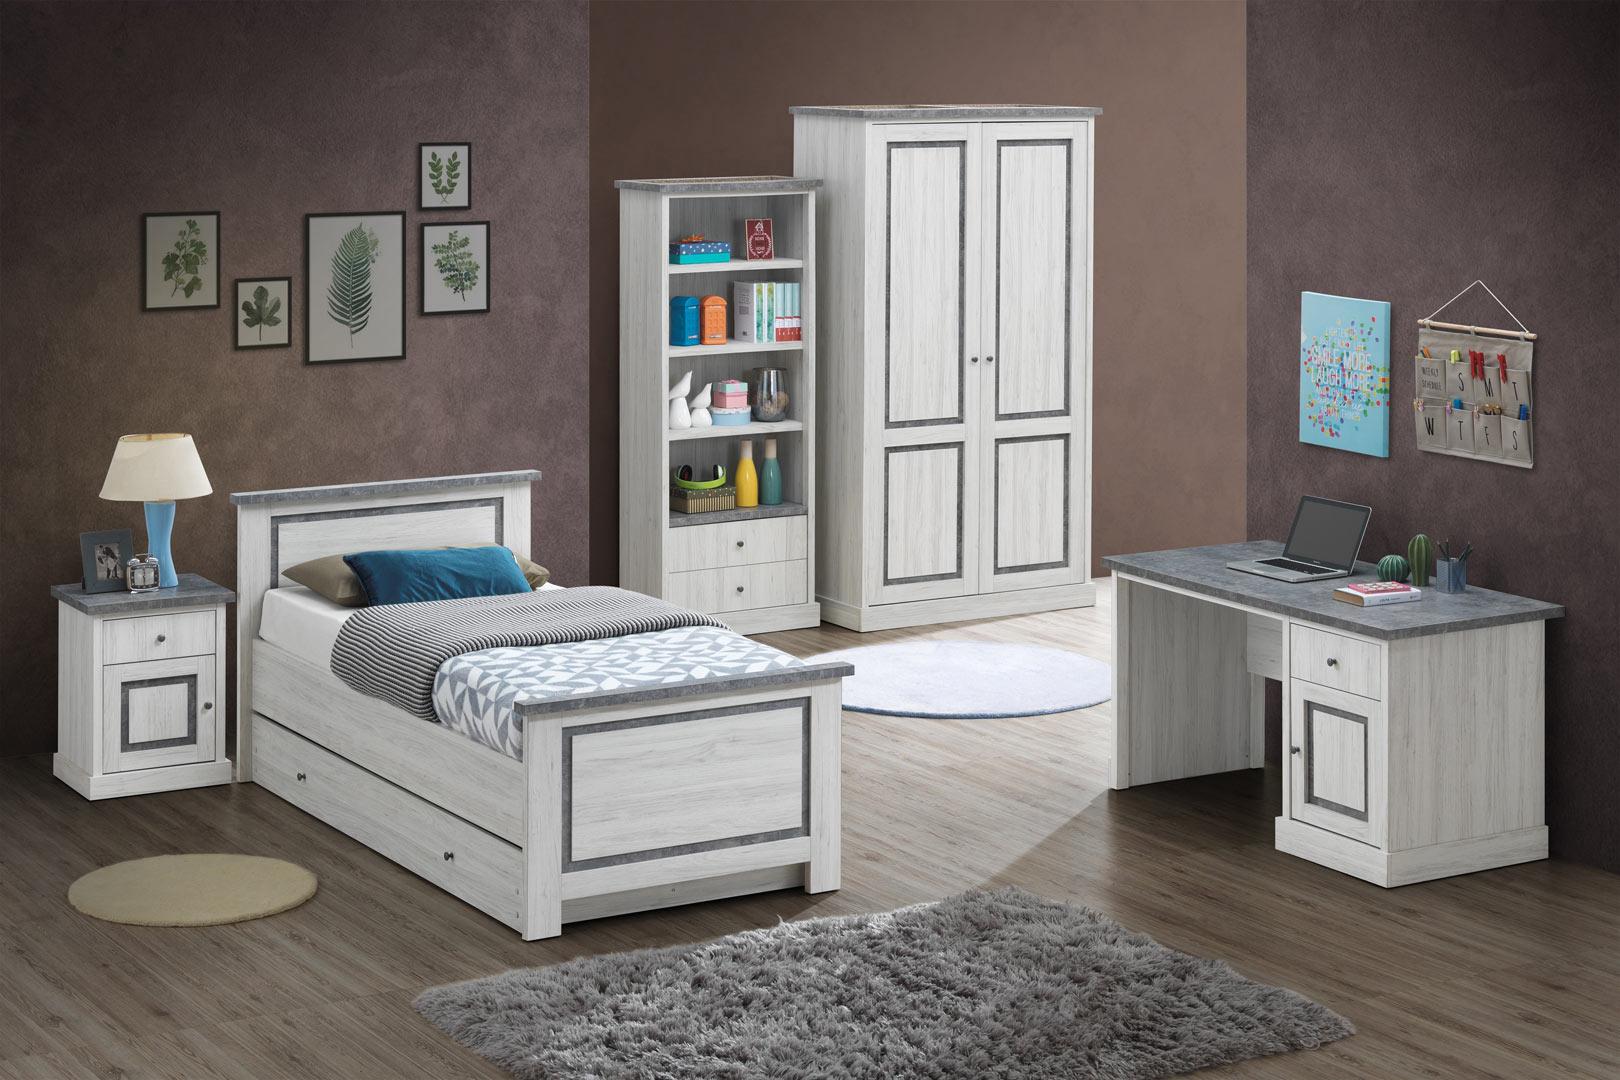 Chambre enfant contemporaine chêne clair/gris Emmanuelle